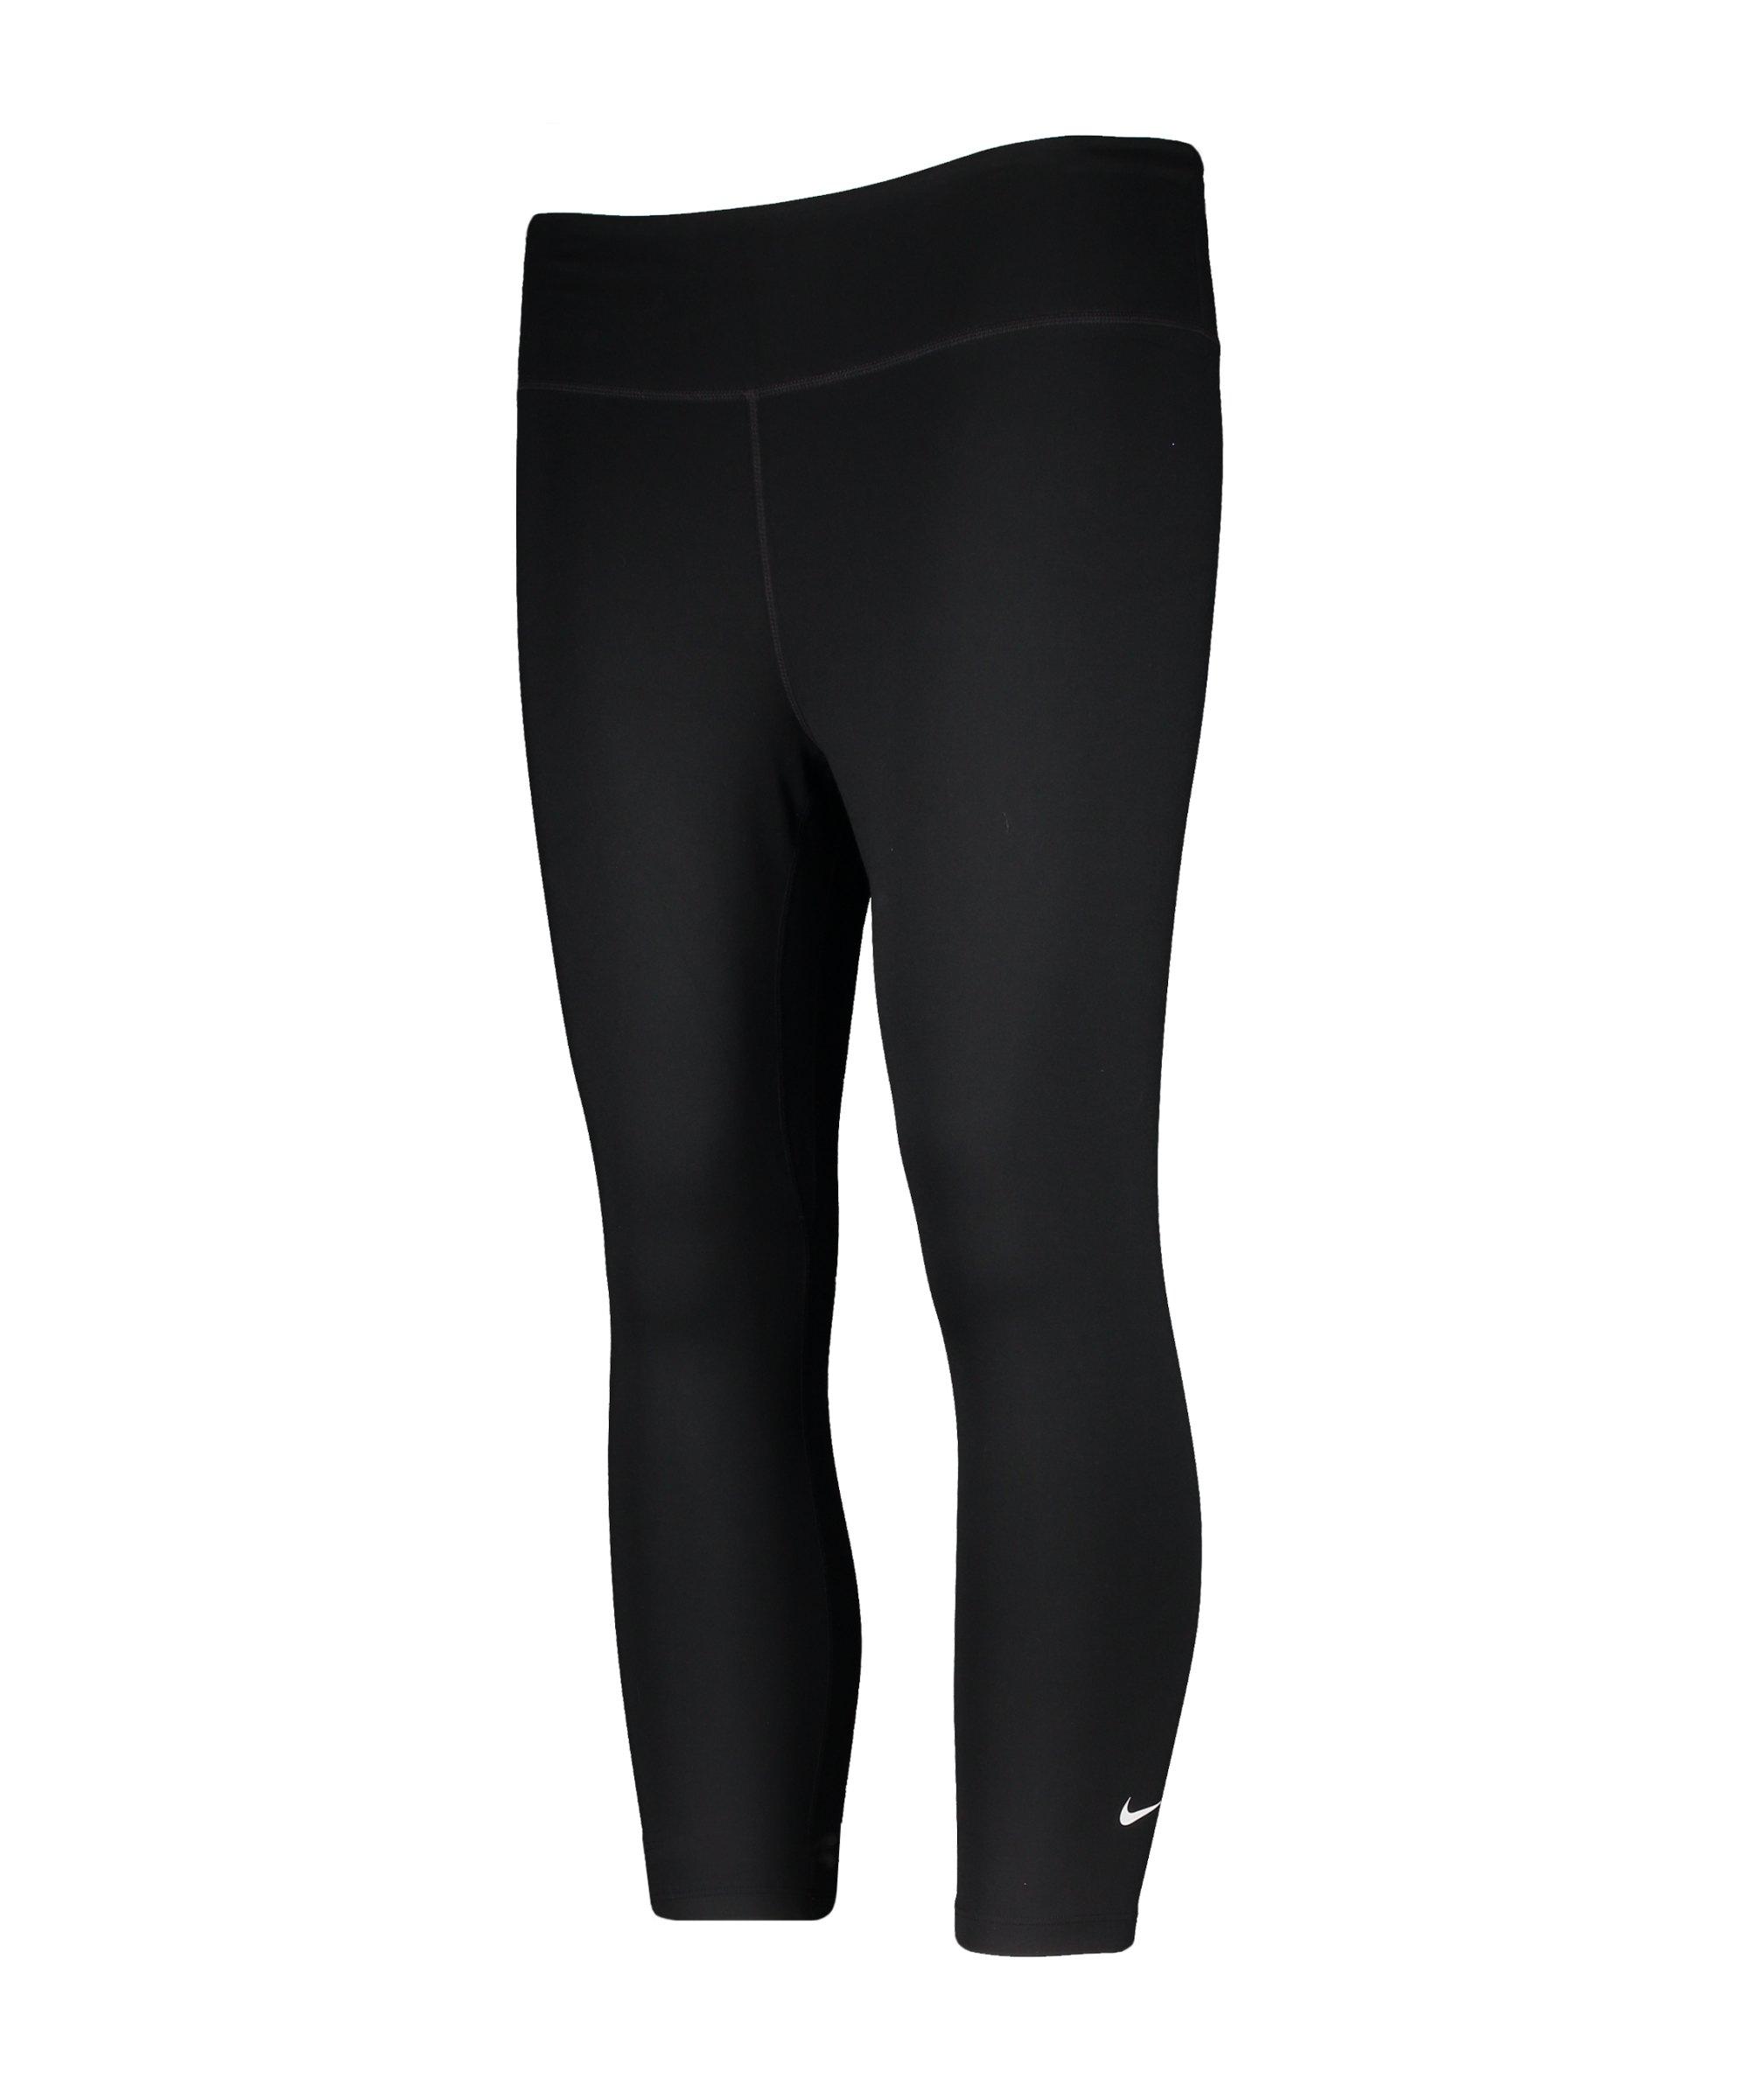 Nike One Capri Leggings Training Damen F010 - schwarz